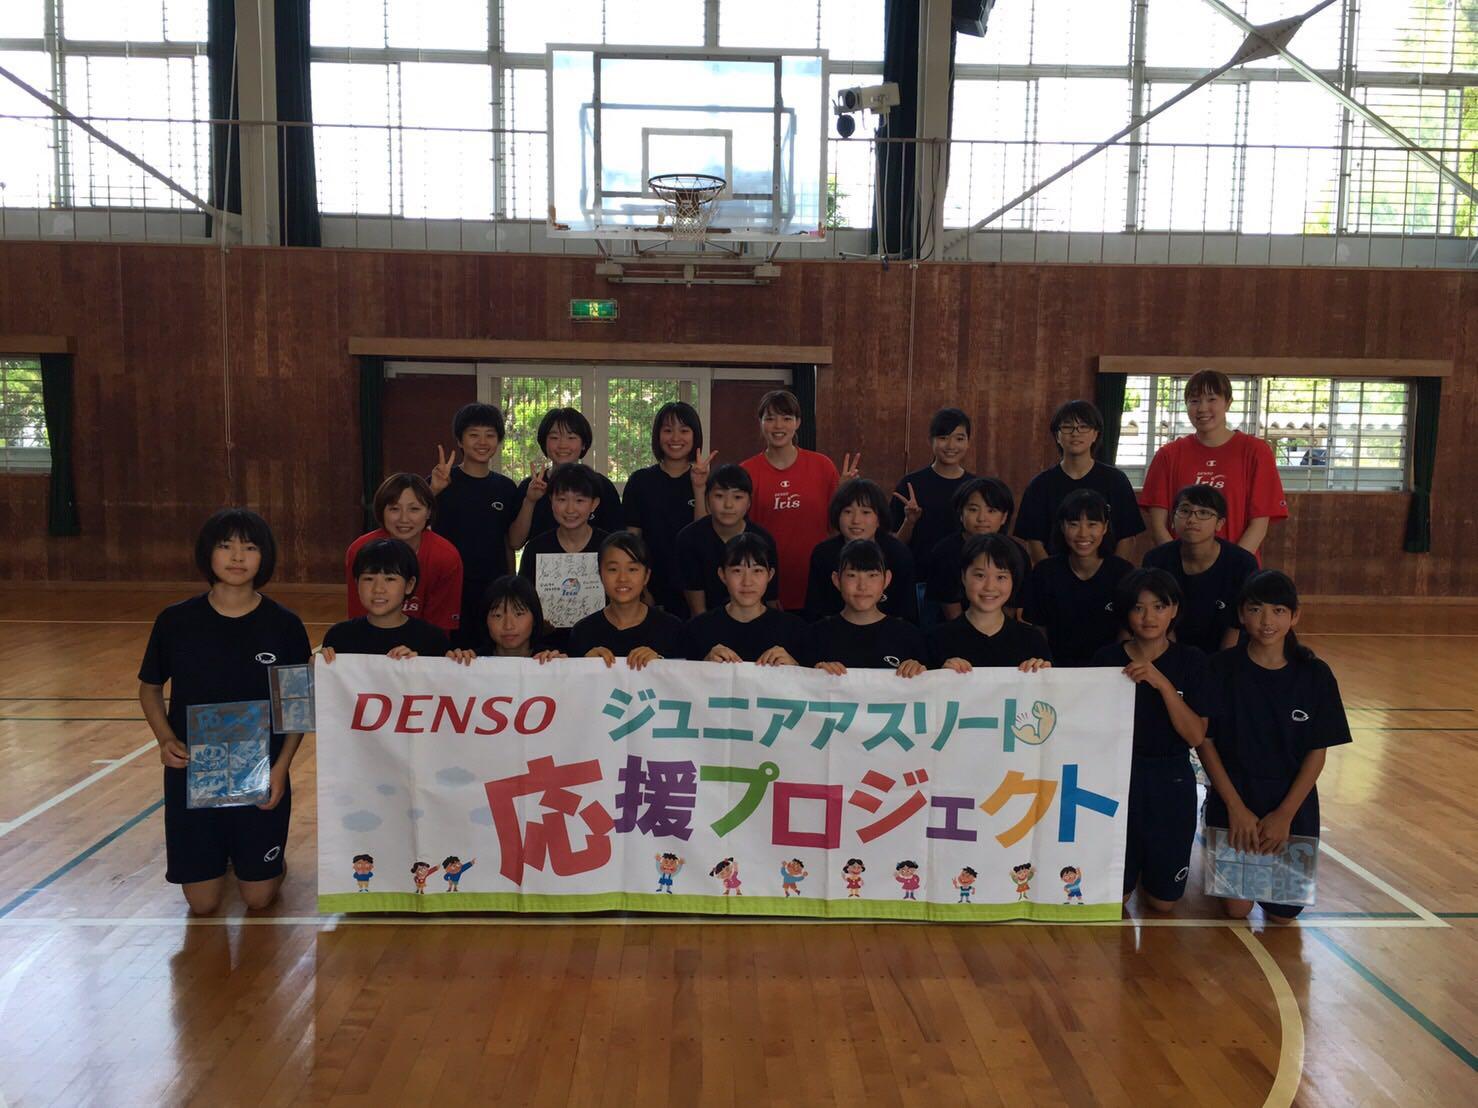 安城市立桜井中学校